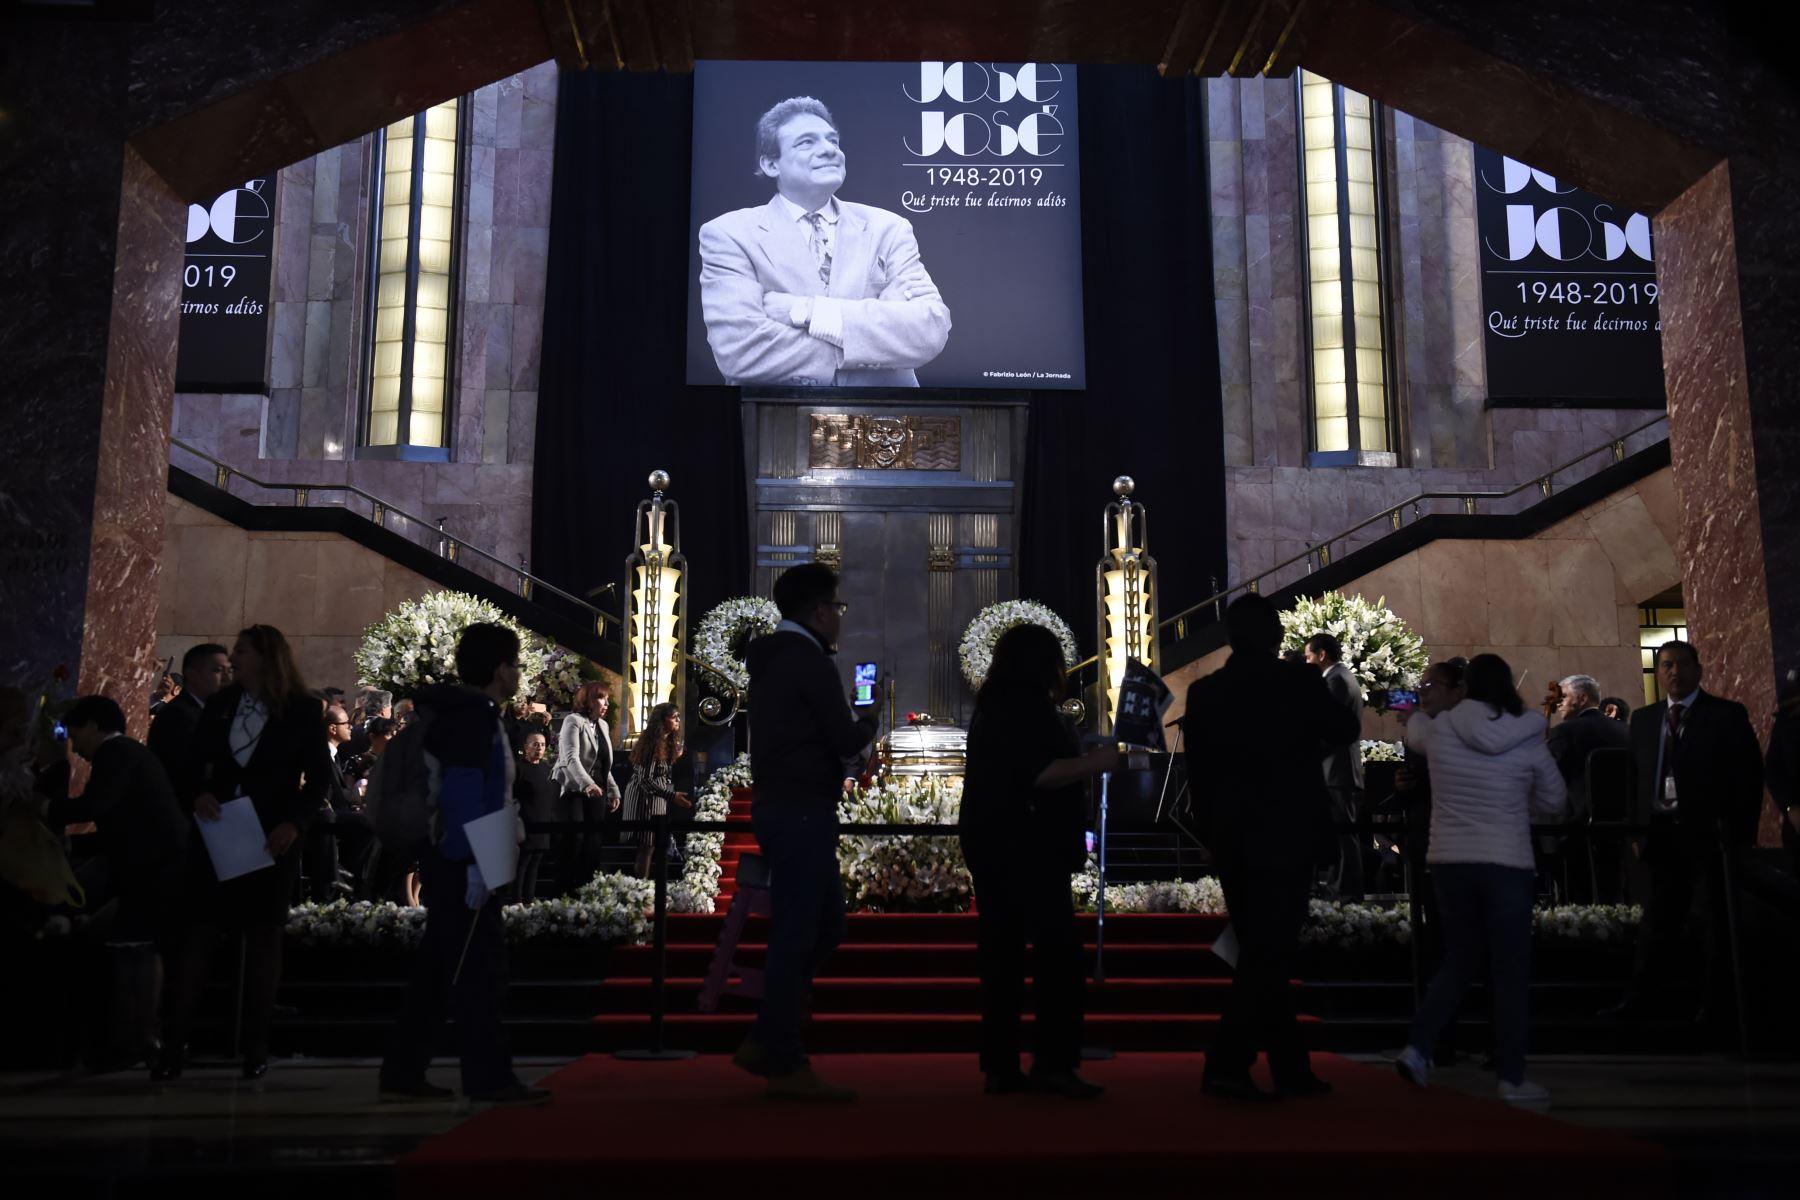 Los fanáticos se alinean para rendir homenaje al fallecido cantante mexicano José José en el Palacio de Bellas Artes de la Ciudad de México. Foto: AFP